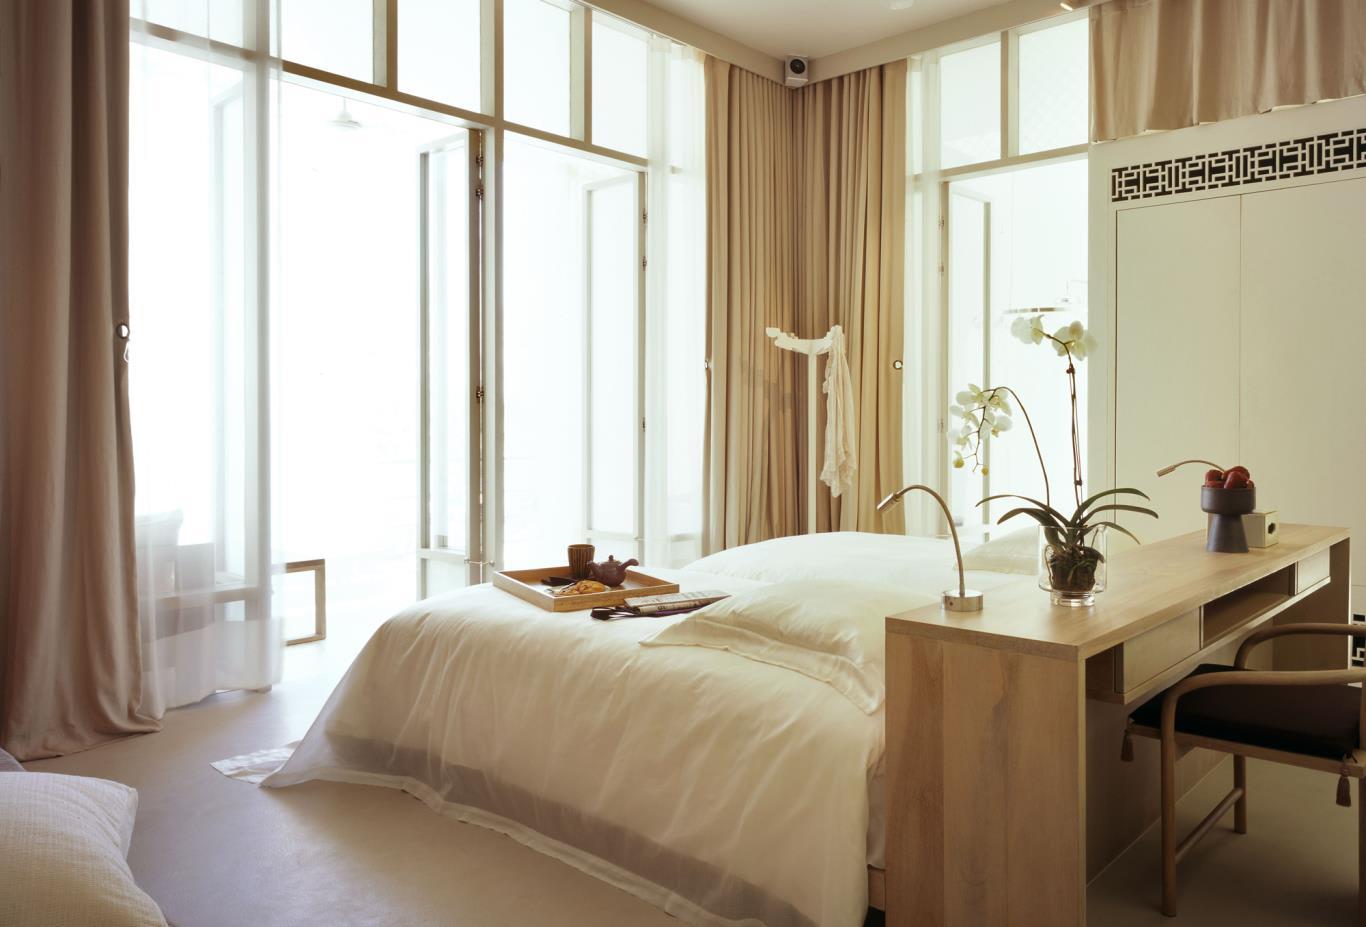 Deluxe-Balcony-Bedroom